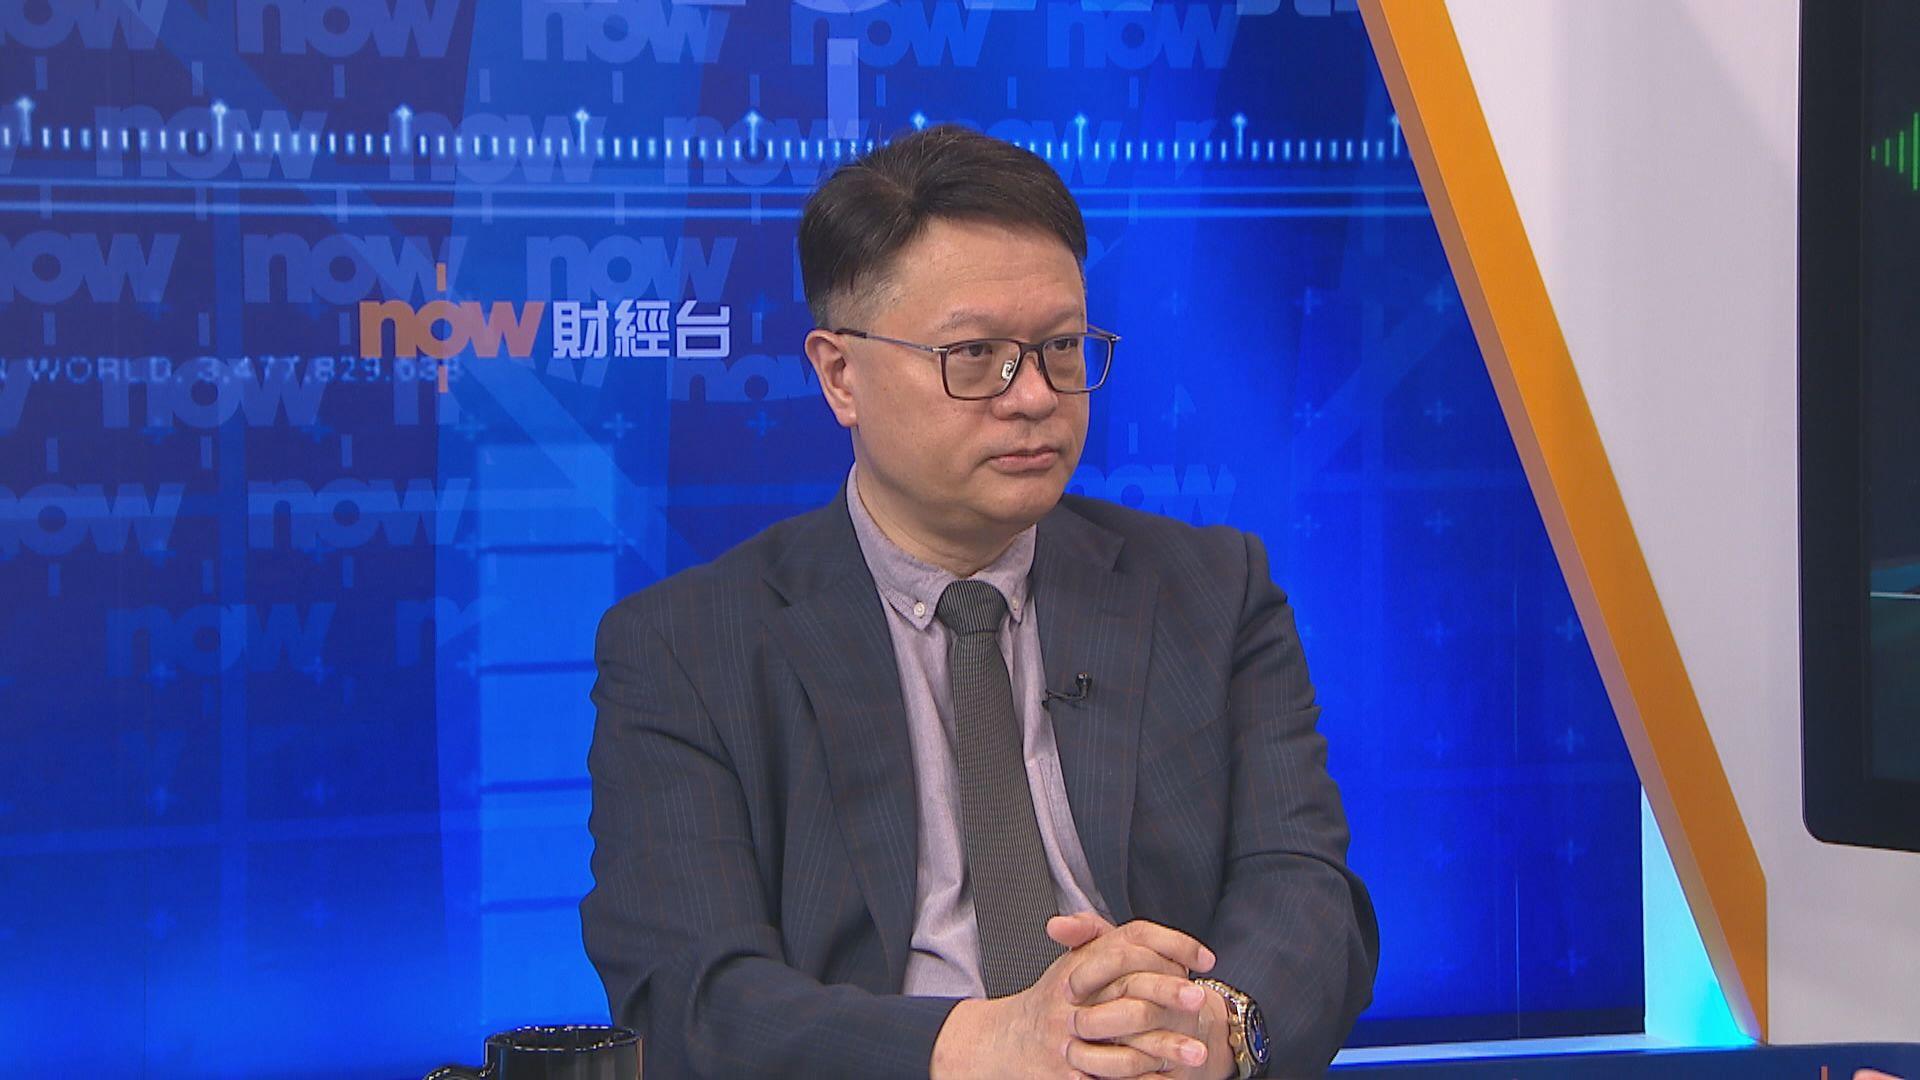 許樹昌:圍堵政策暫有效 28日無本地個案即受控